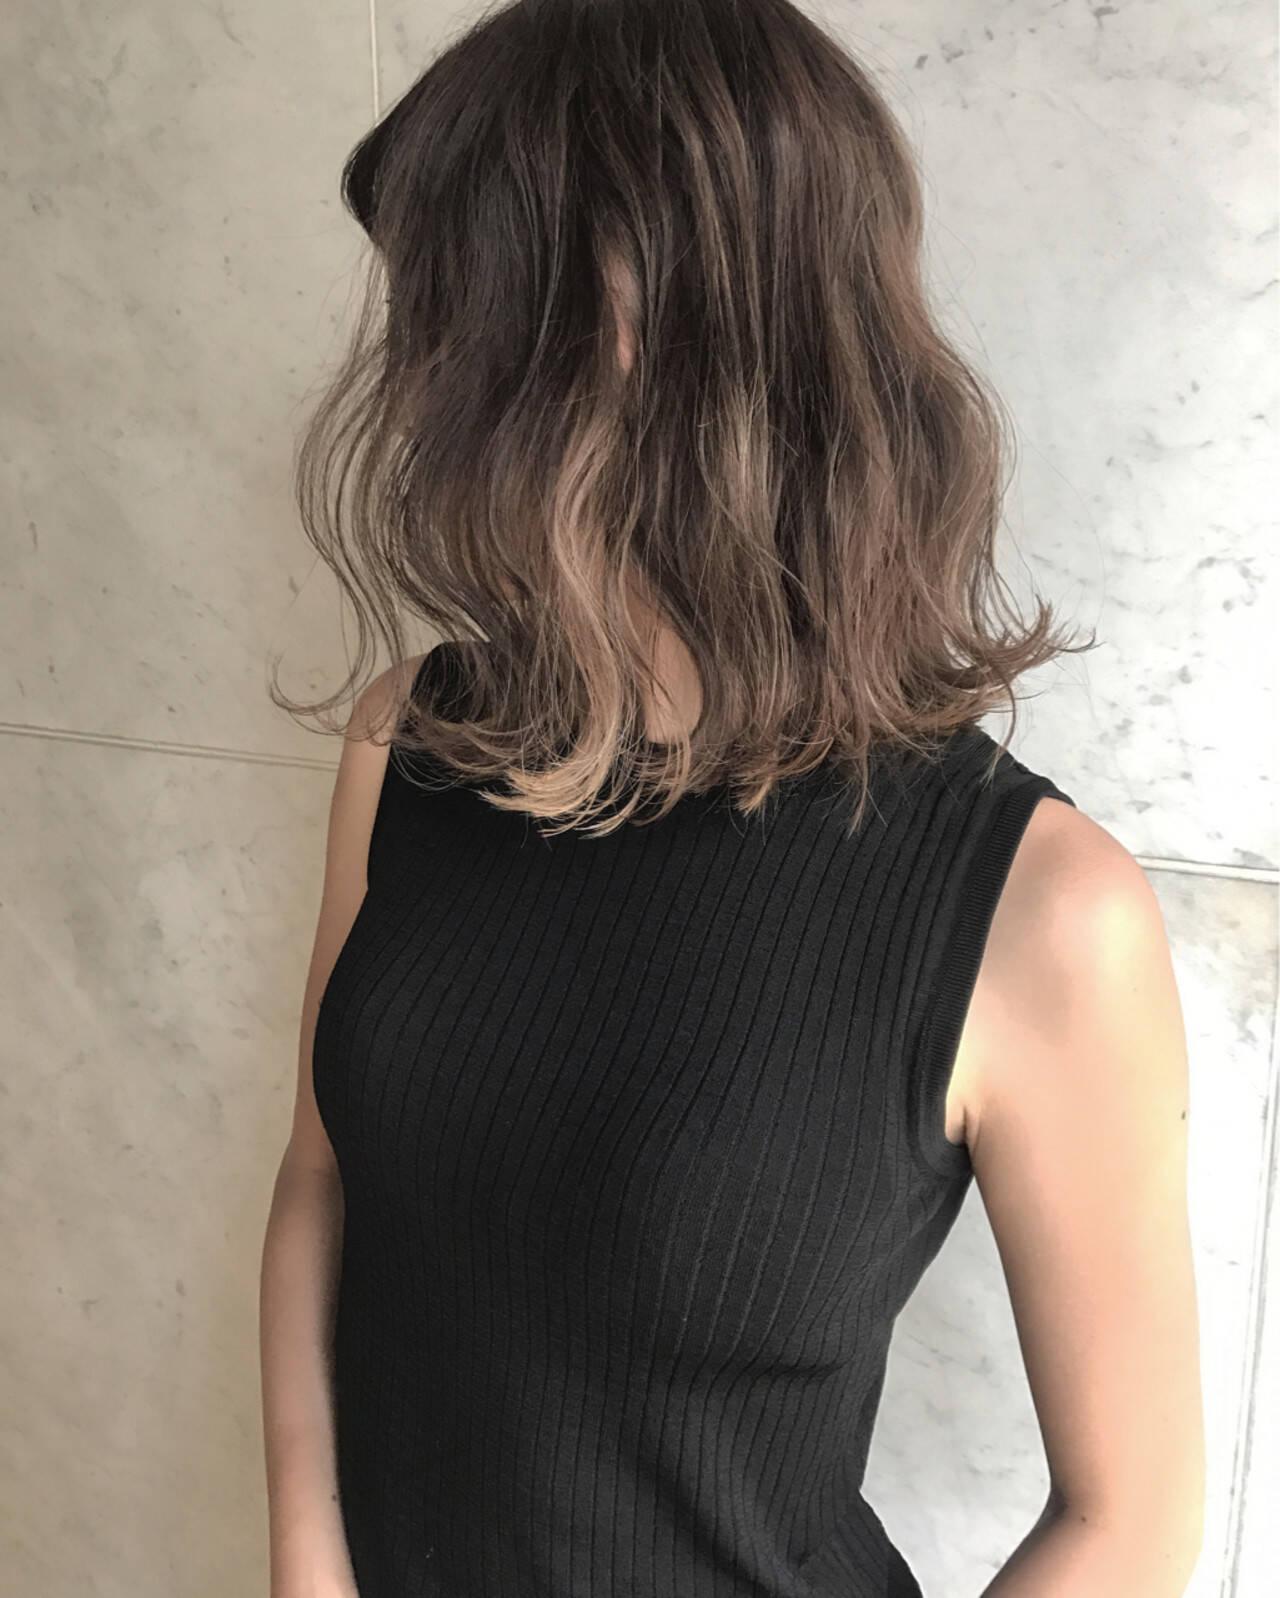 ミディアム 外国人風カラー 秋 エレガントヘアスタイルや髪型の写真・画像